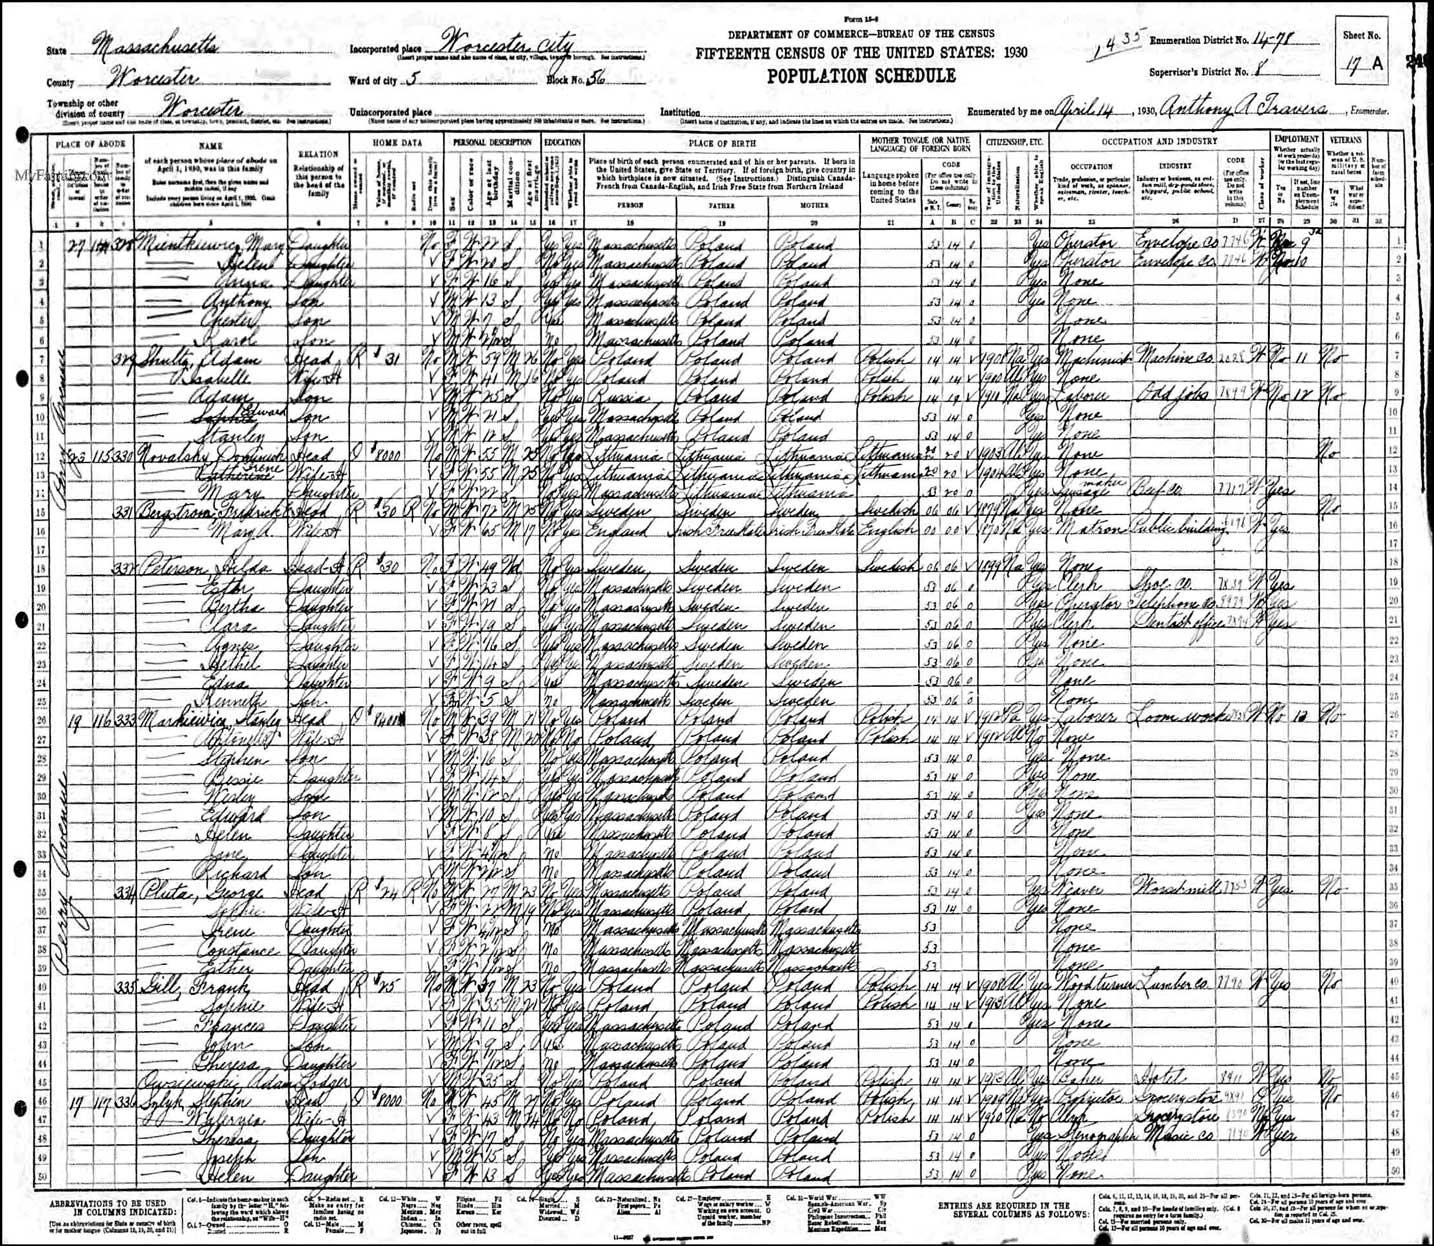 1930 Census Markiewicz